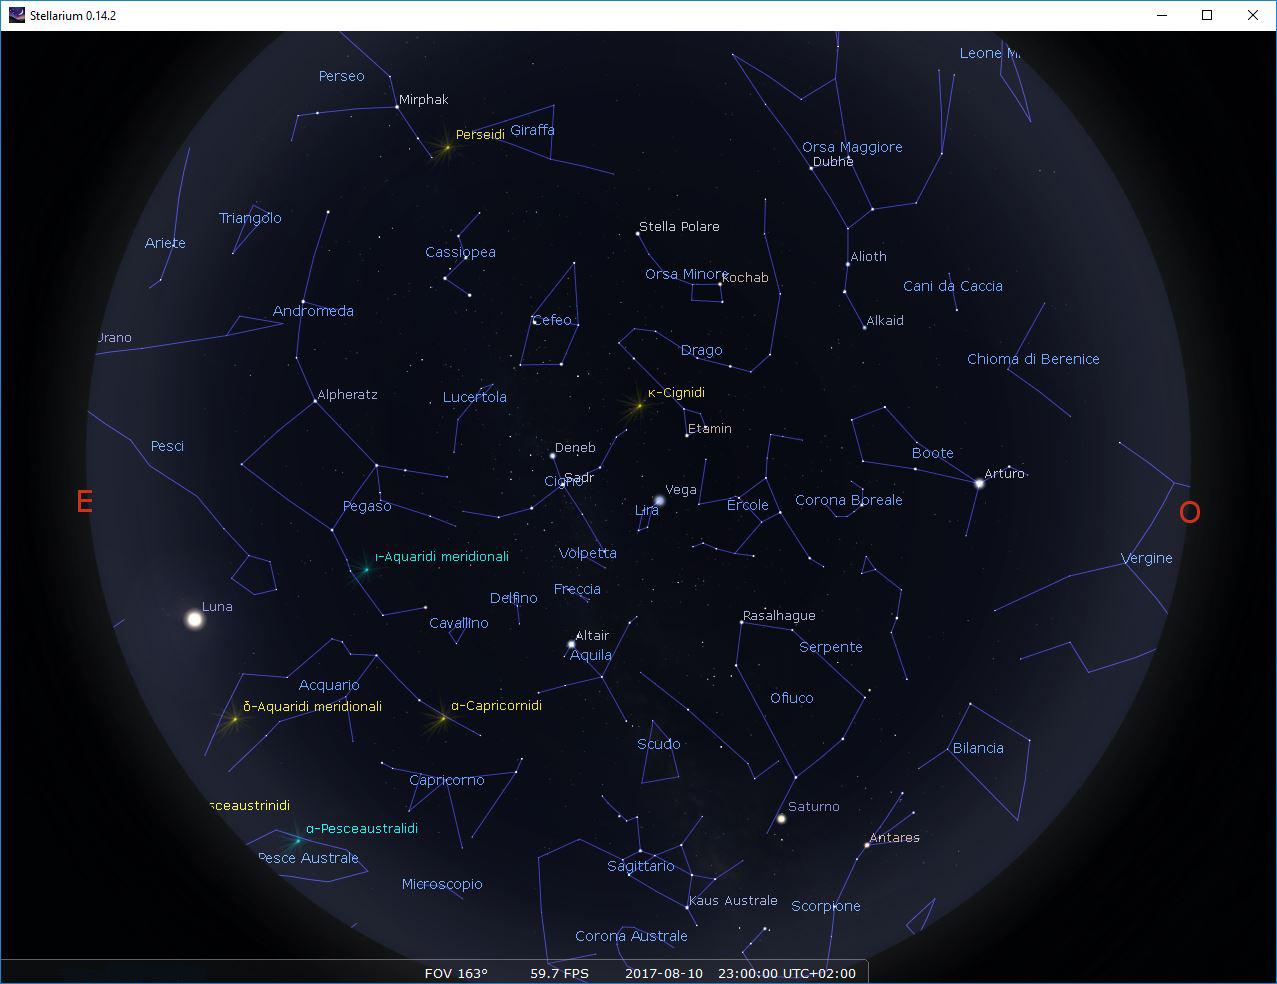 Il cielo del 10 Agosto 2017 nel centro di Roma (clicca sull'immagine per una versione ad alta risoluzione). Courtesy: Stellarium